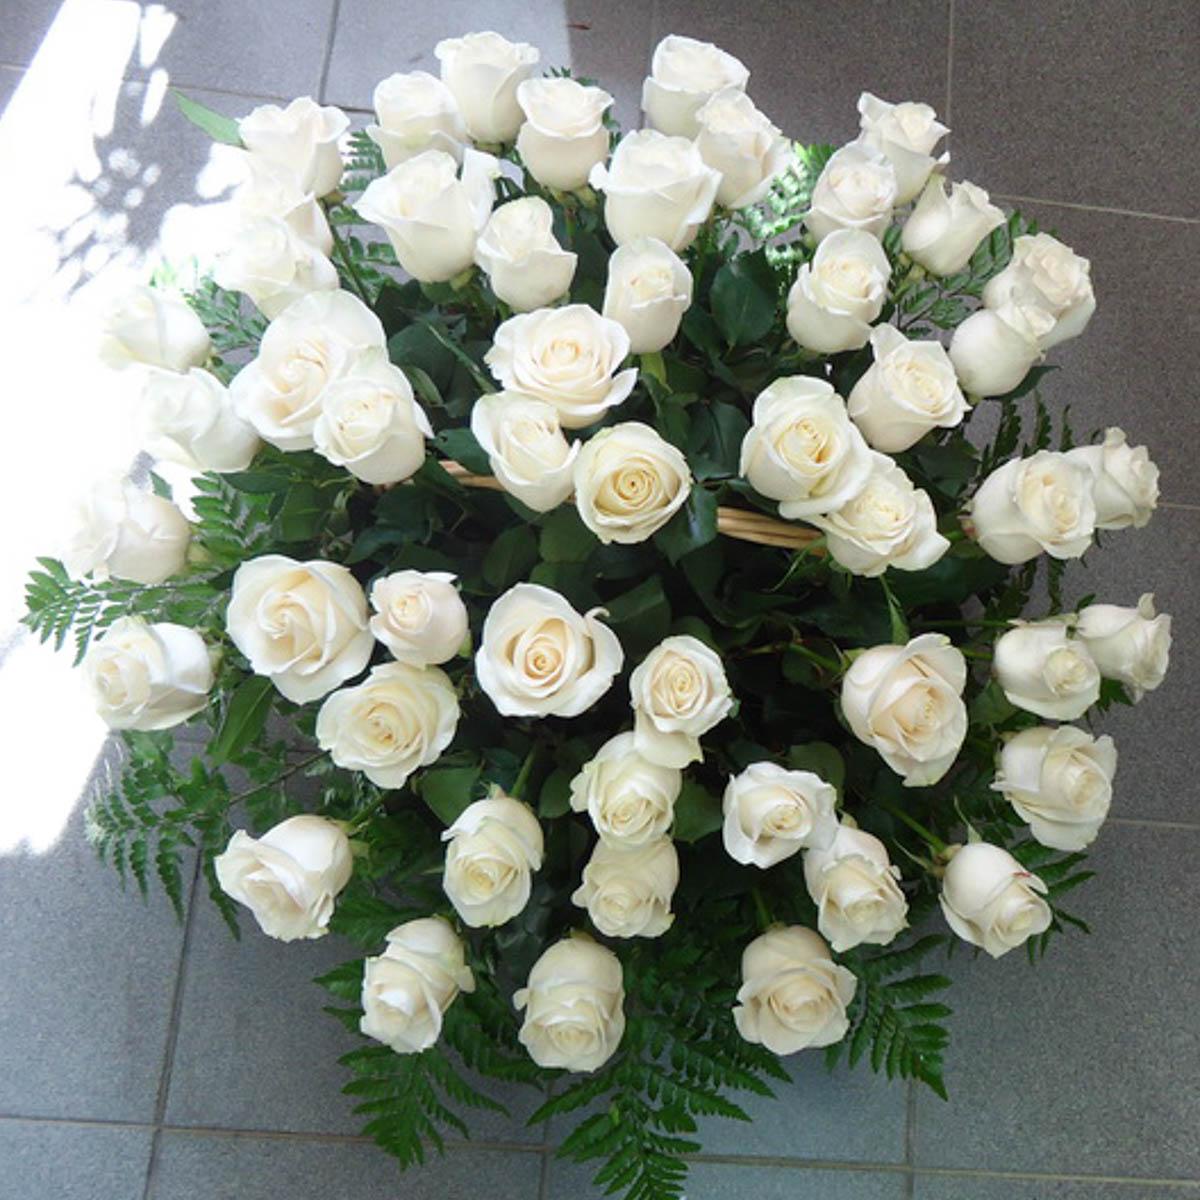 аллергии большой букет белых роз фото и большой белый медведь такие характеристики, как